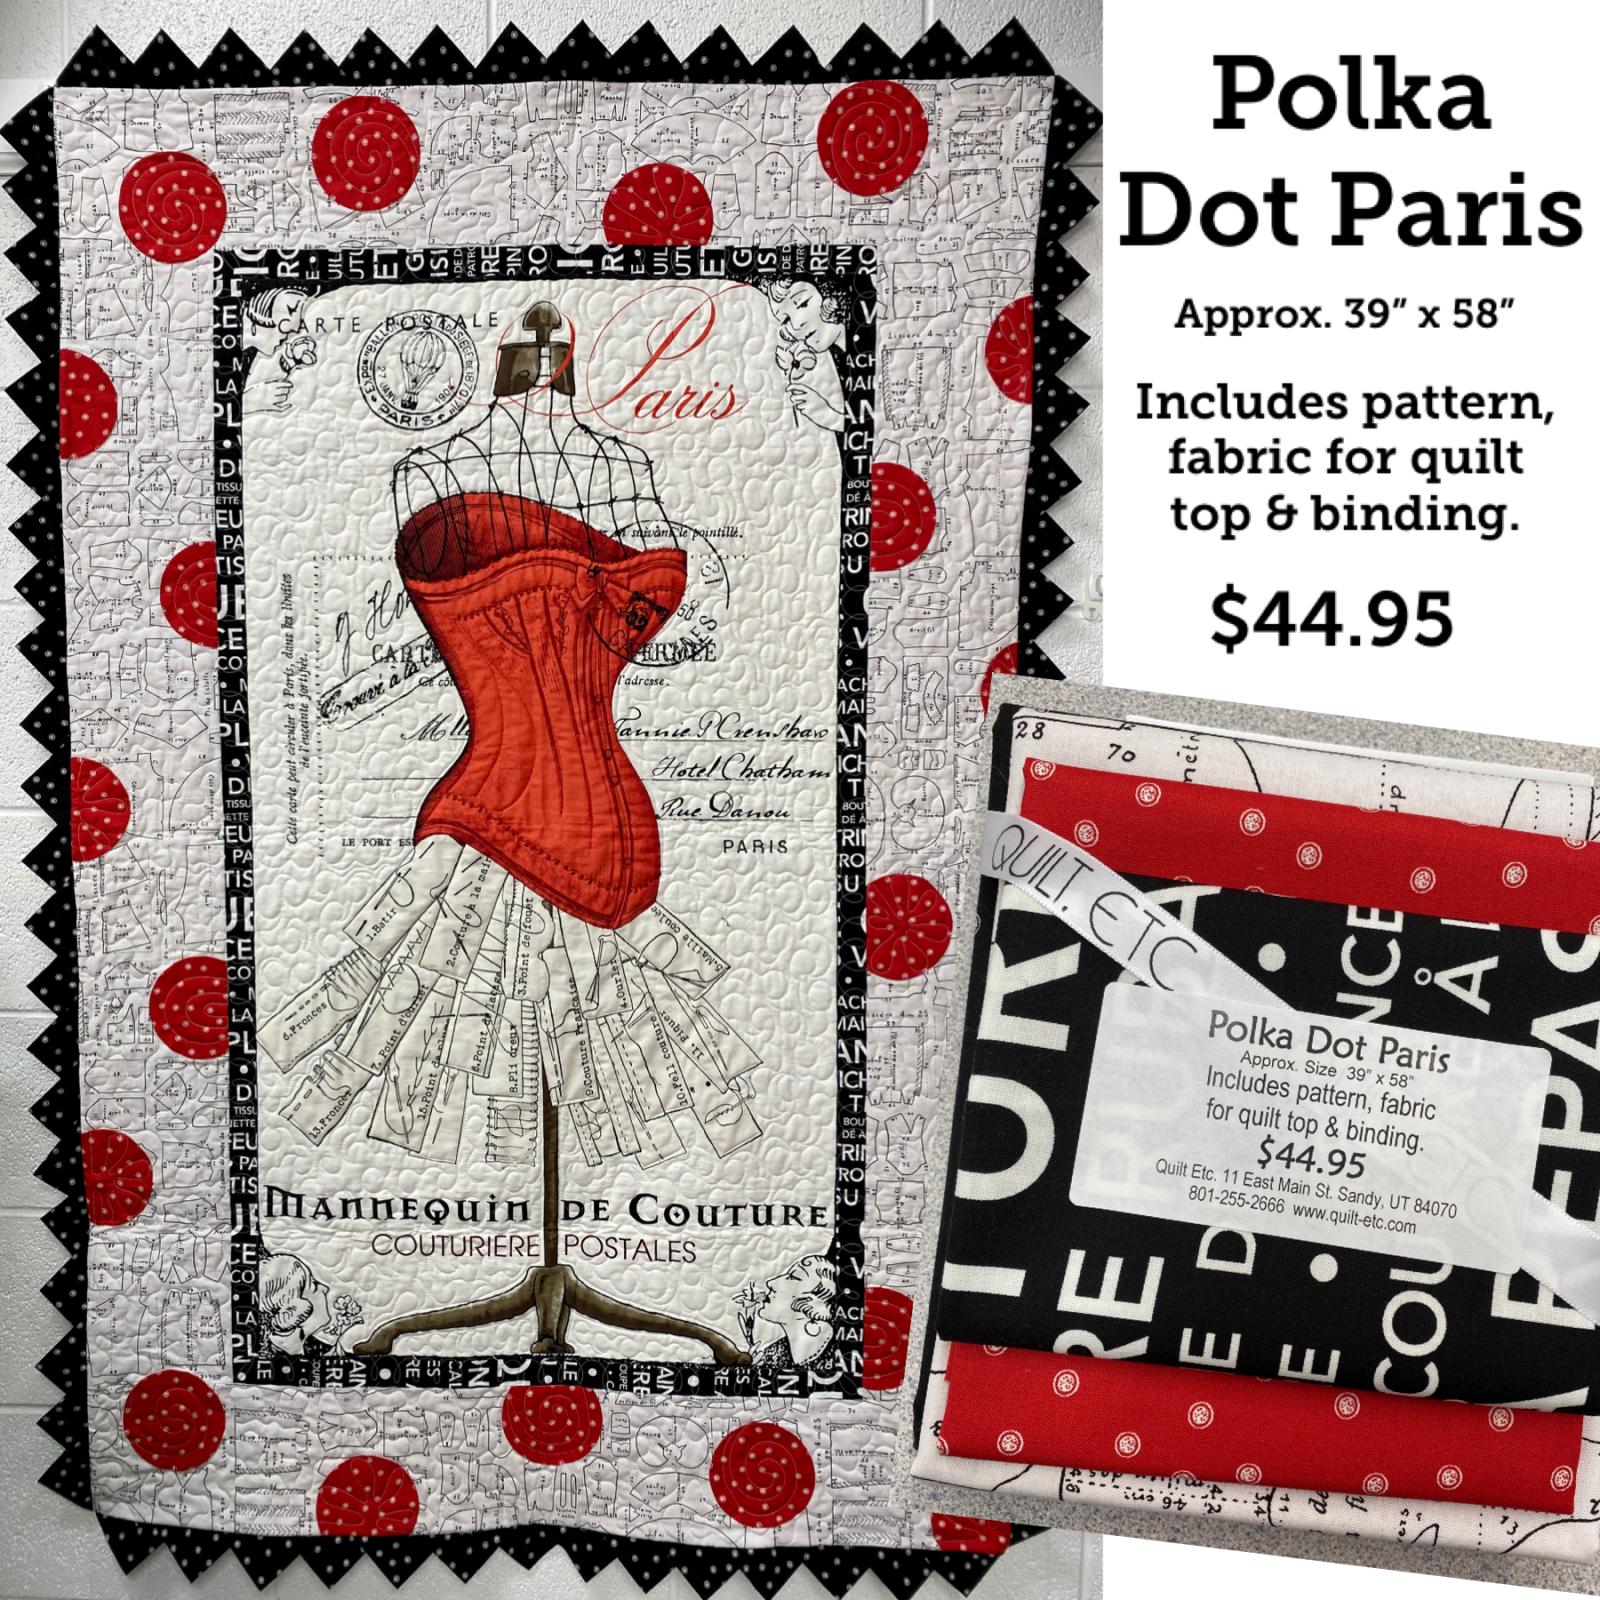 Polka Dot Paris